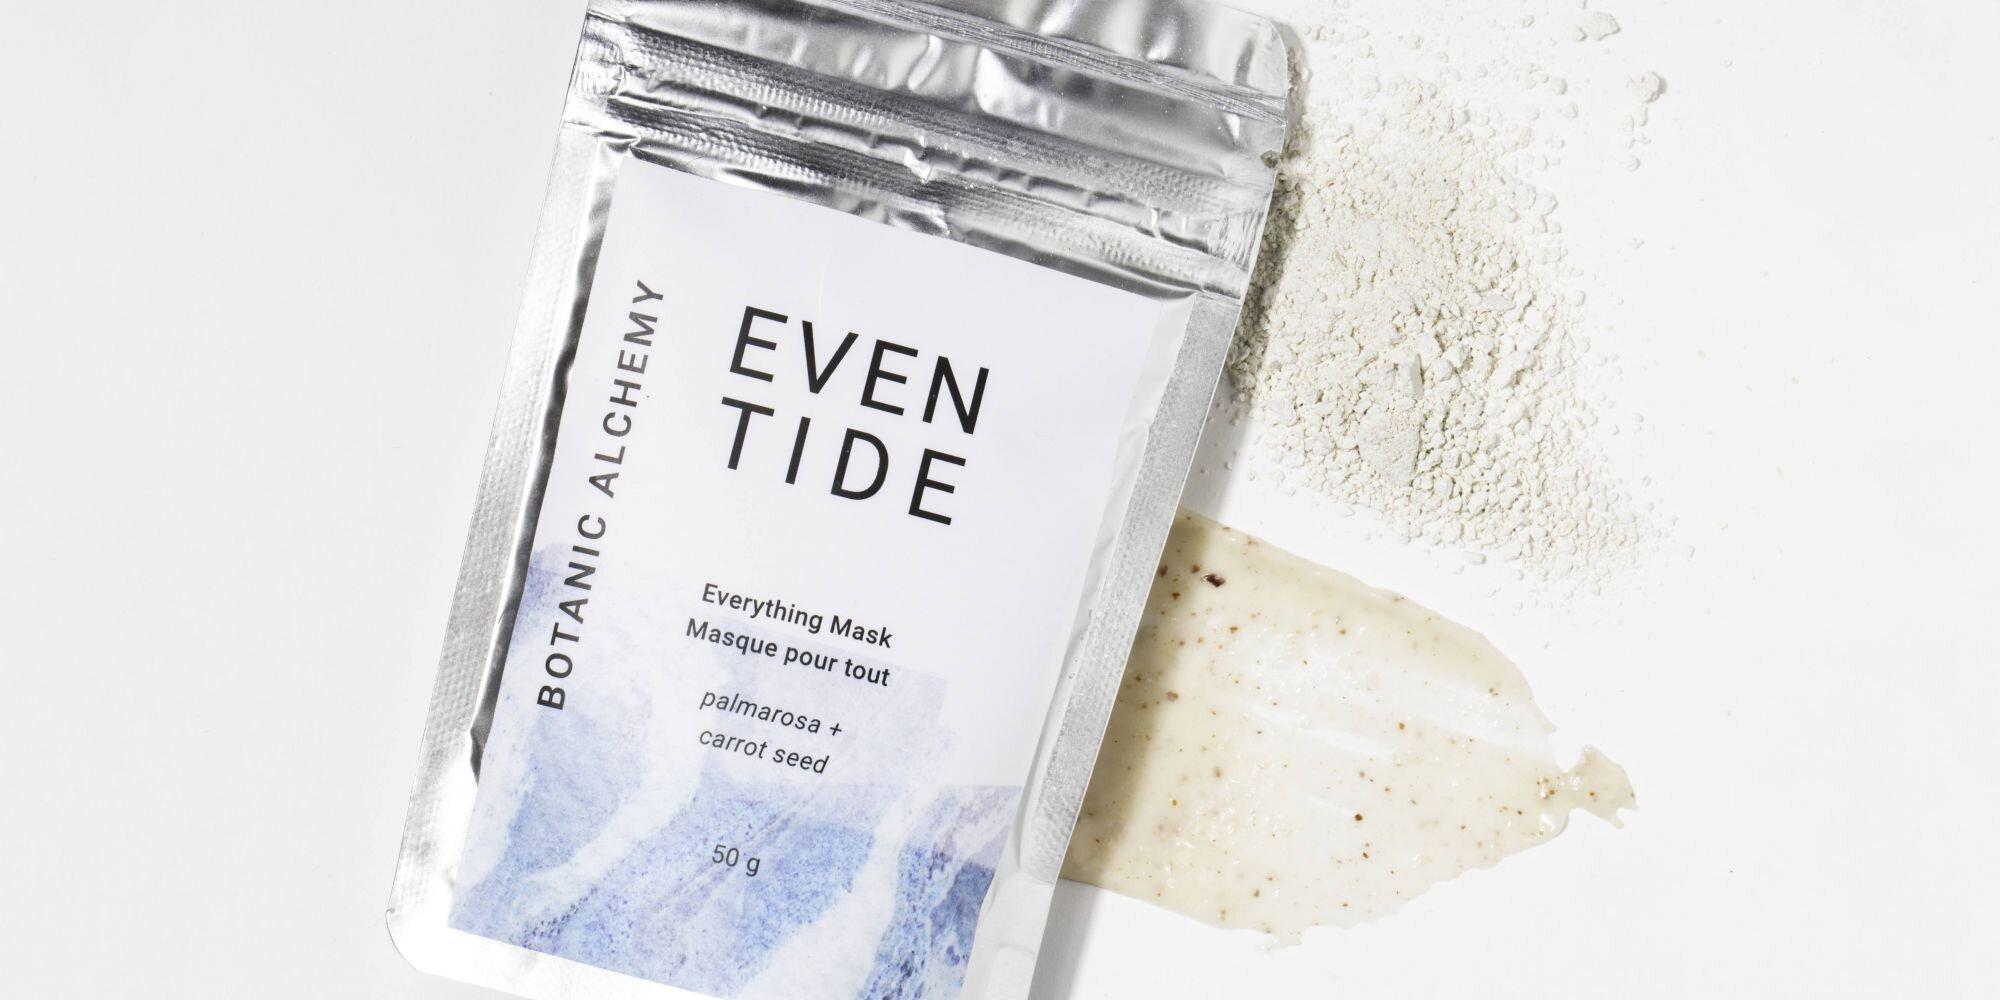 Even-tide-3-2000x1000.jpg